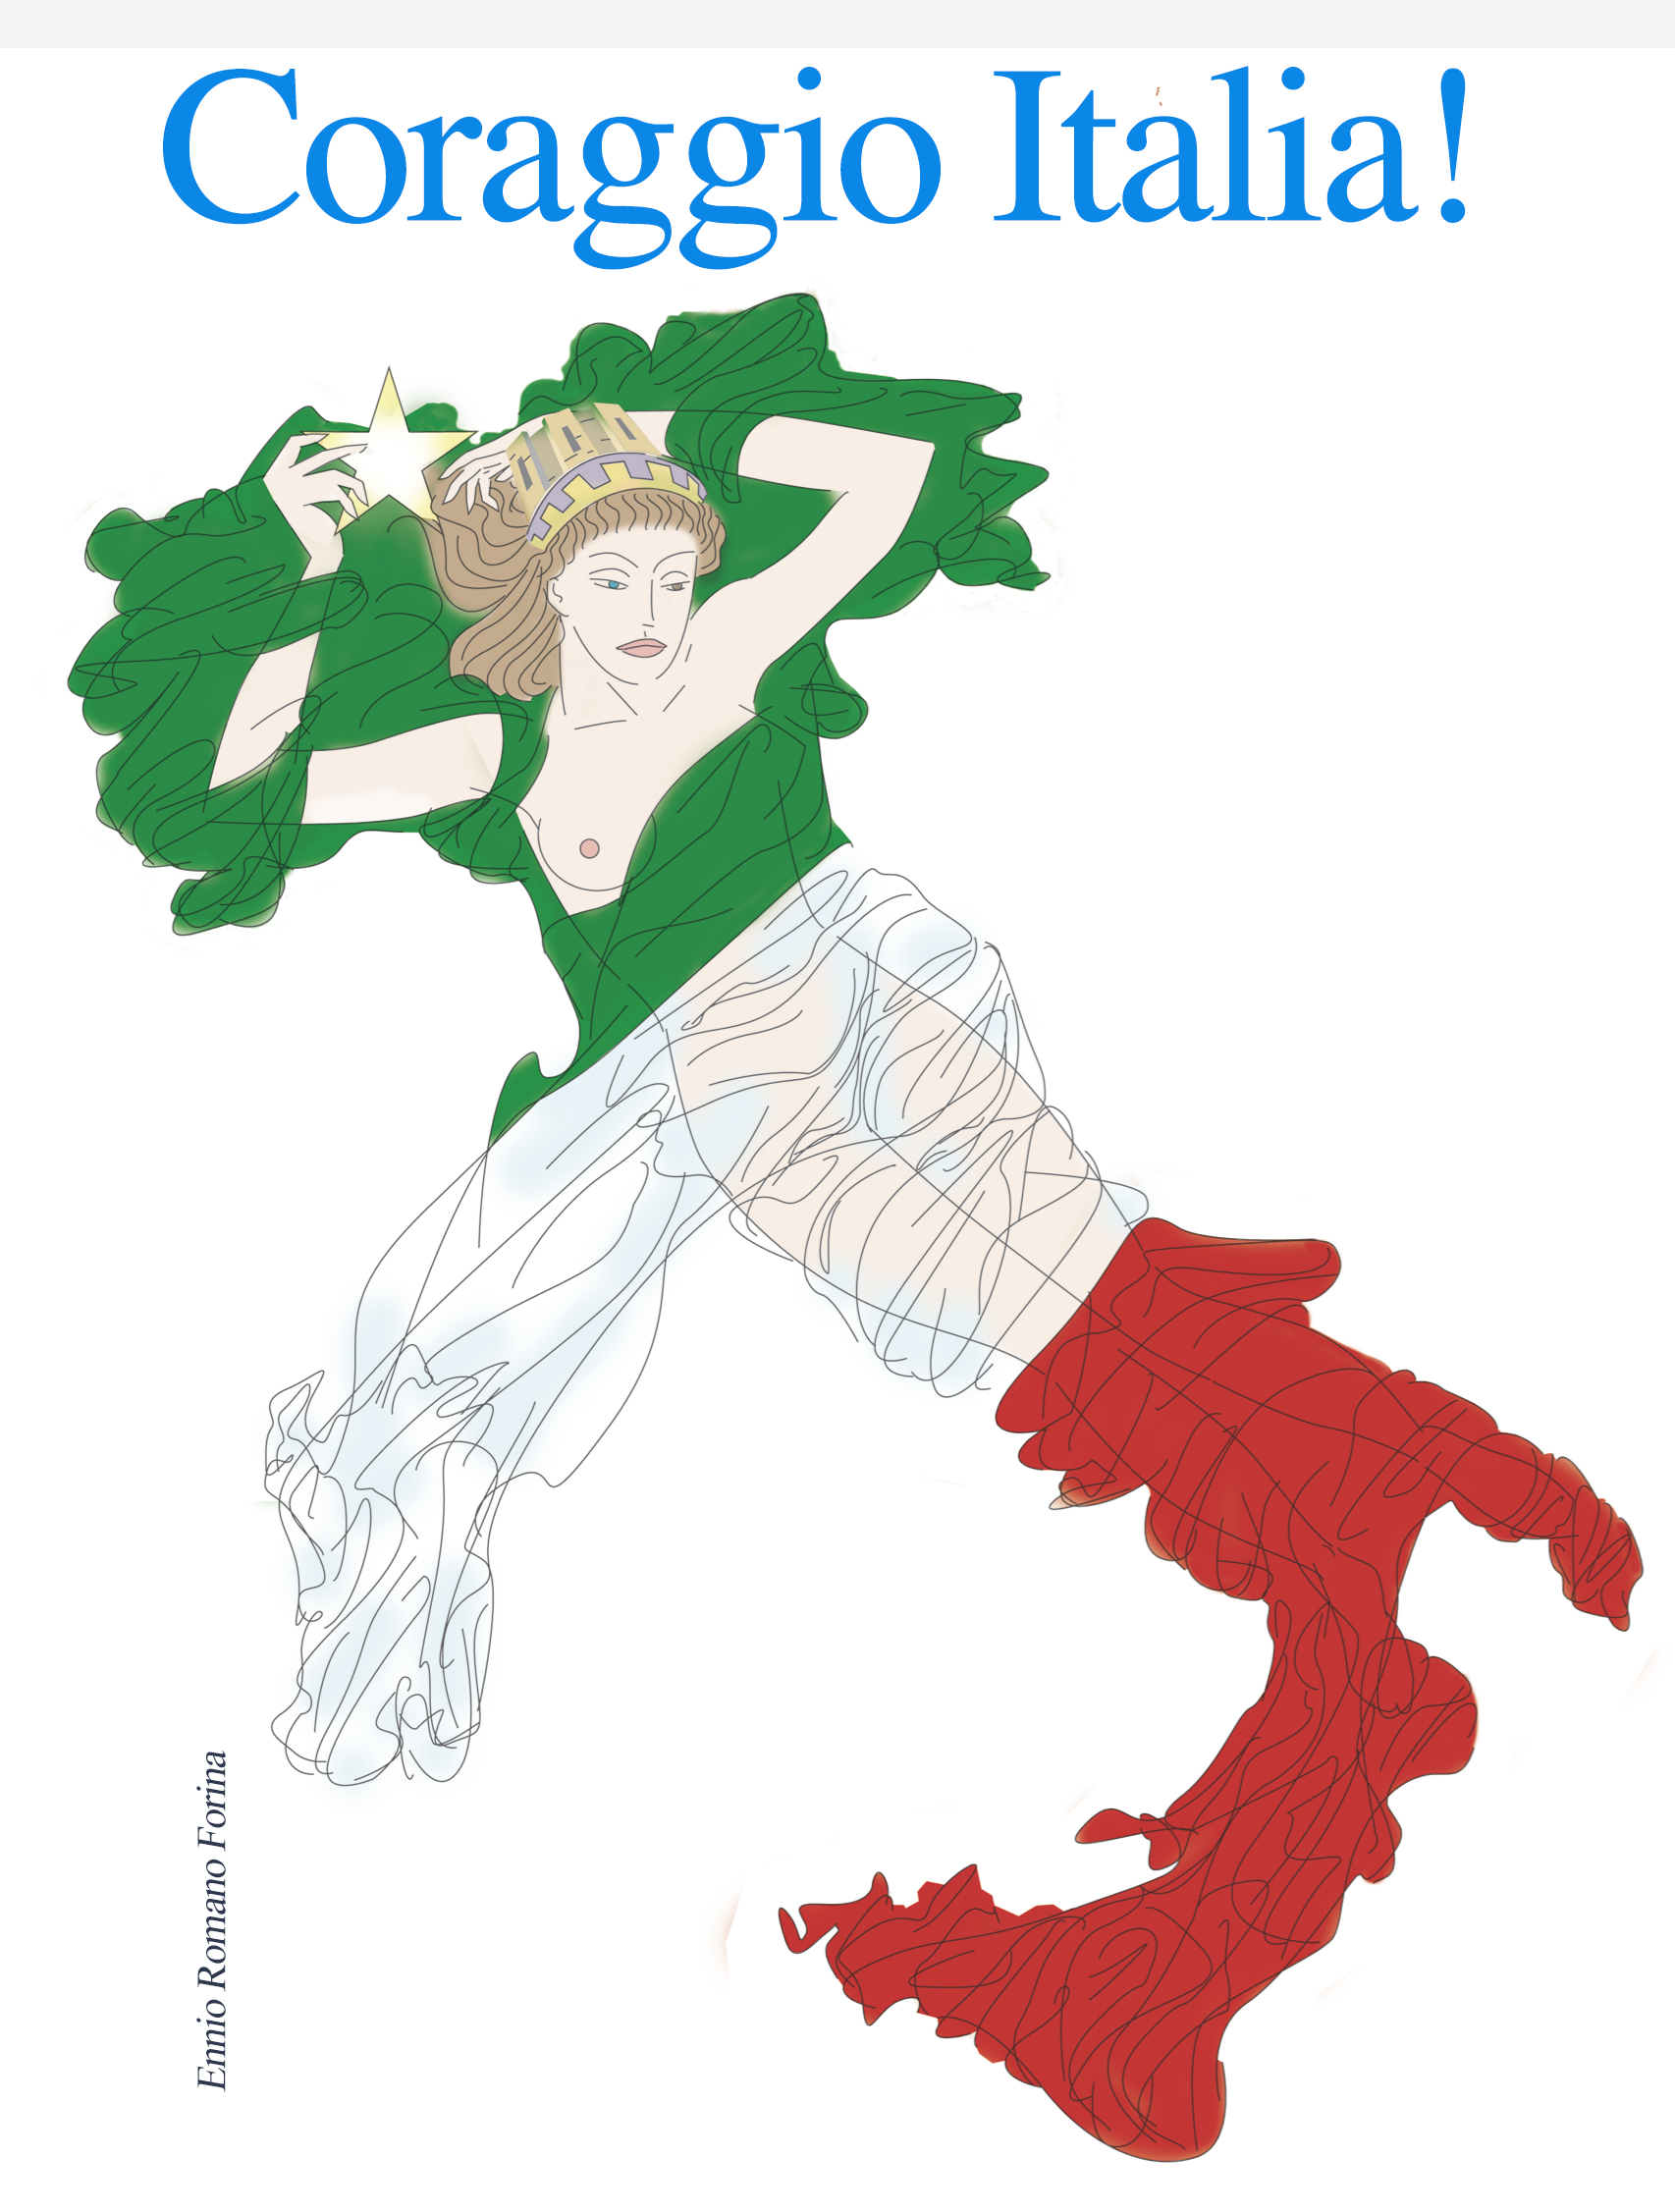 ITALIA-LASTENNIO-august 2019 .jpg